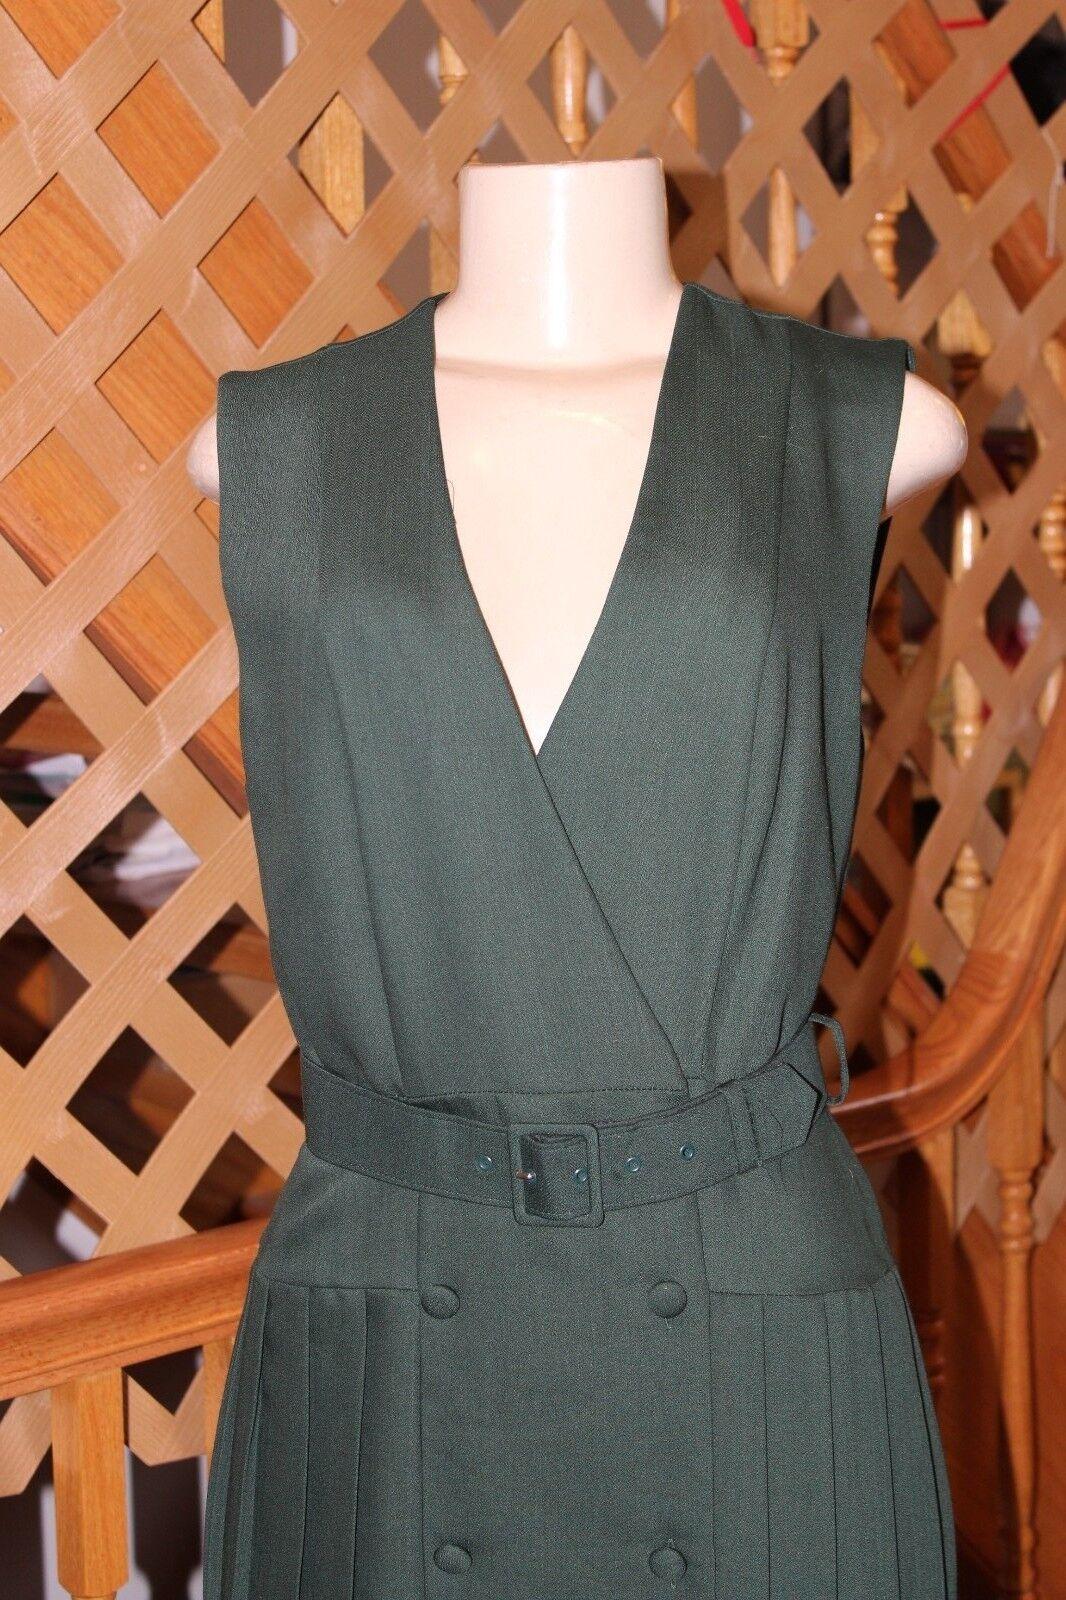 Laura  Ashley Vintage de lana plisada Botones Damas Vestido Talla 4 34  Mercancía de alta calidad y servicio conveniente y honesto.